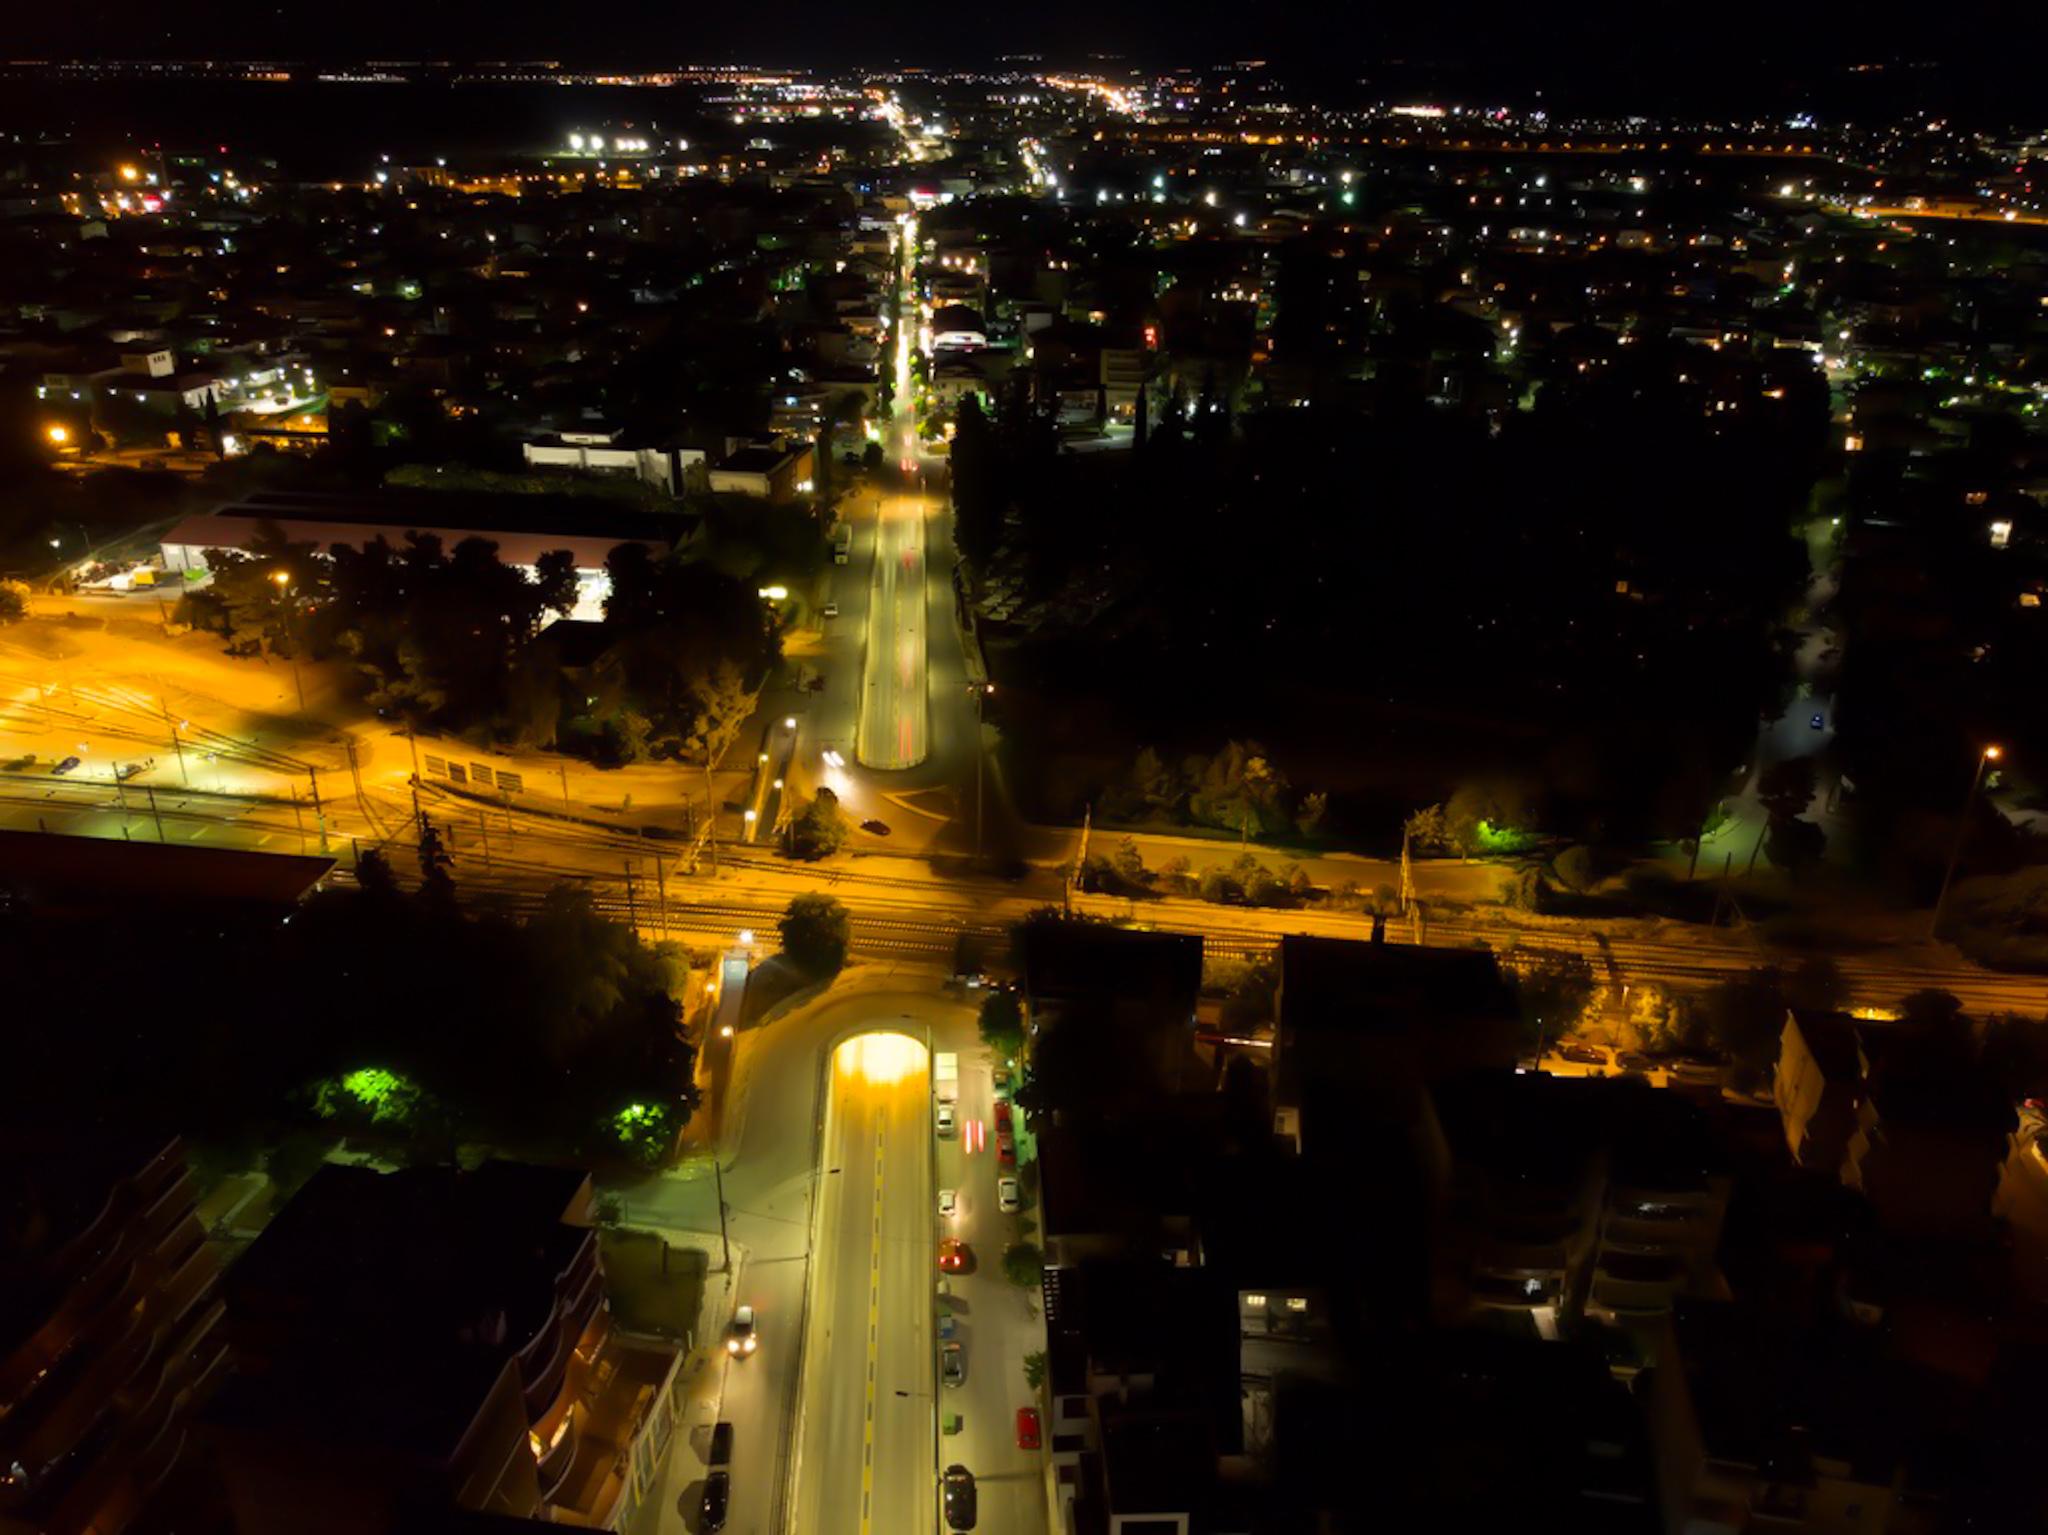 Εκθαμβωτική η νυχτερινή Λάρισα από ψηλά - Δείτε εντυπωσιακές εικόνες